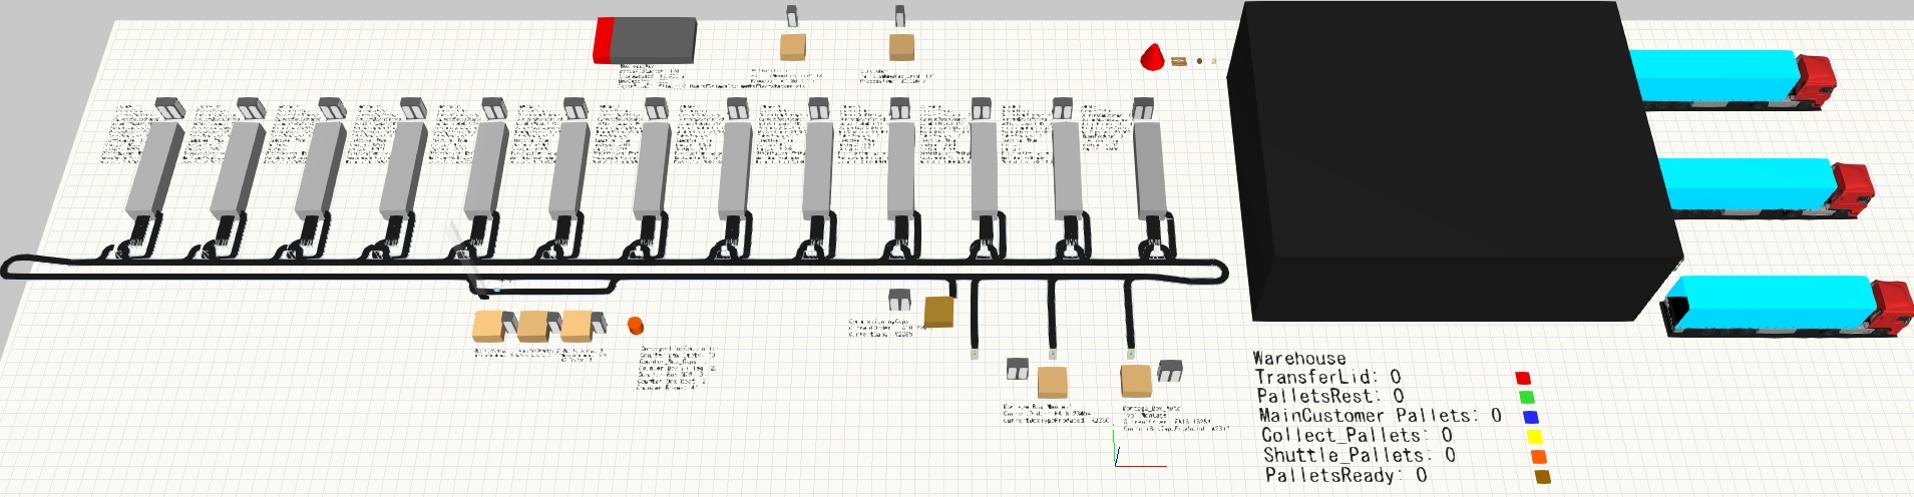 Von Digitalem Zwilling bis KI: DUALIS veranstaltet Simulationsstammtisch